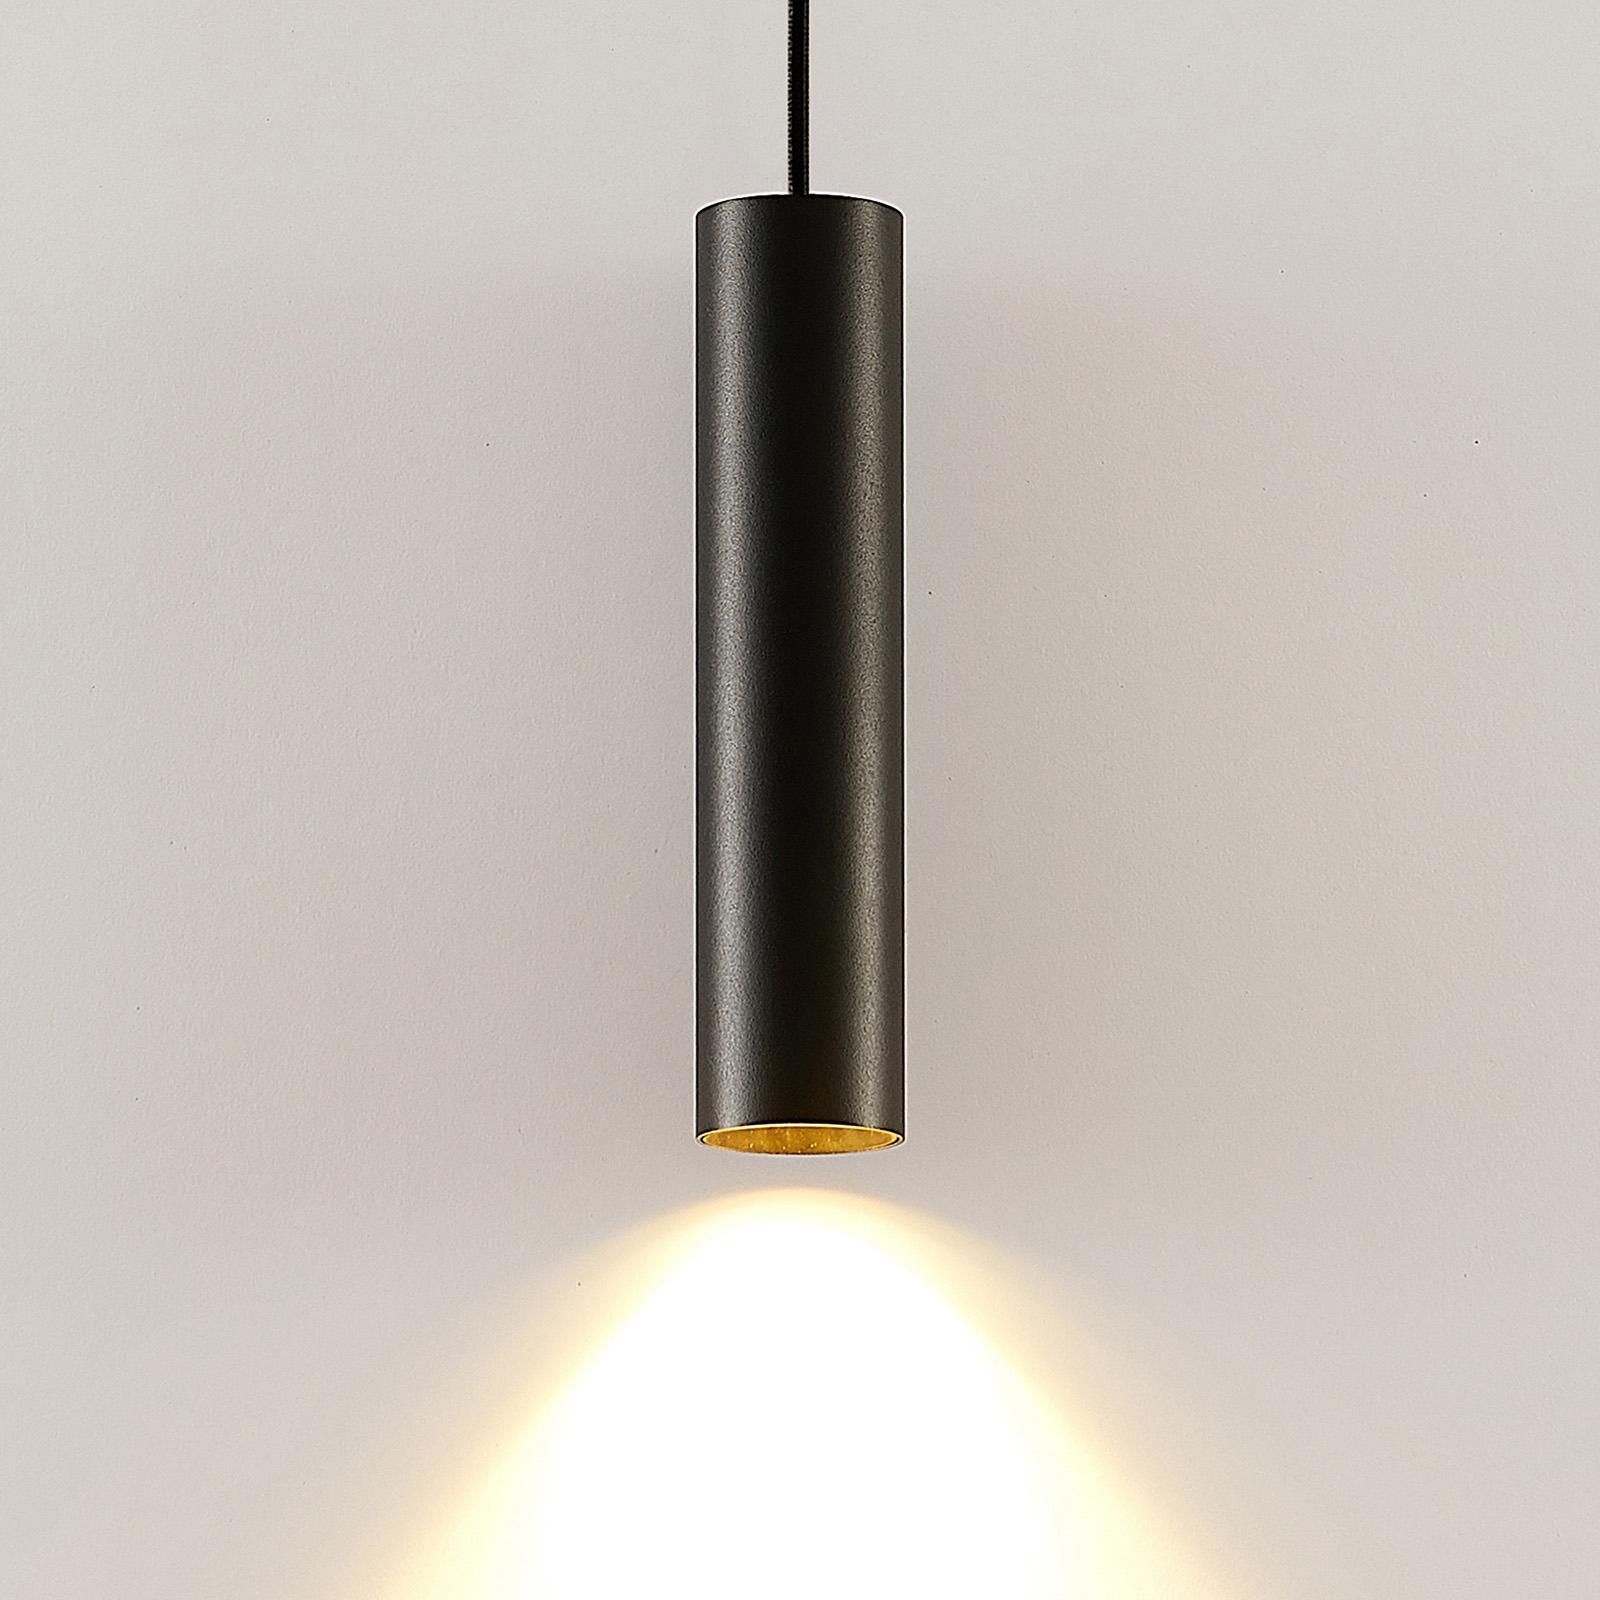 Arcchio Ejona závěsné světlo, výška 27 cm, černá